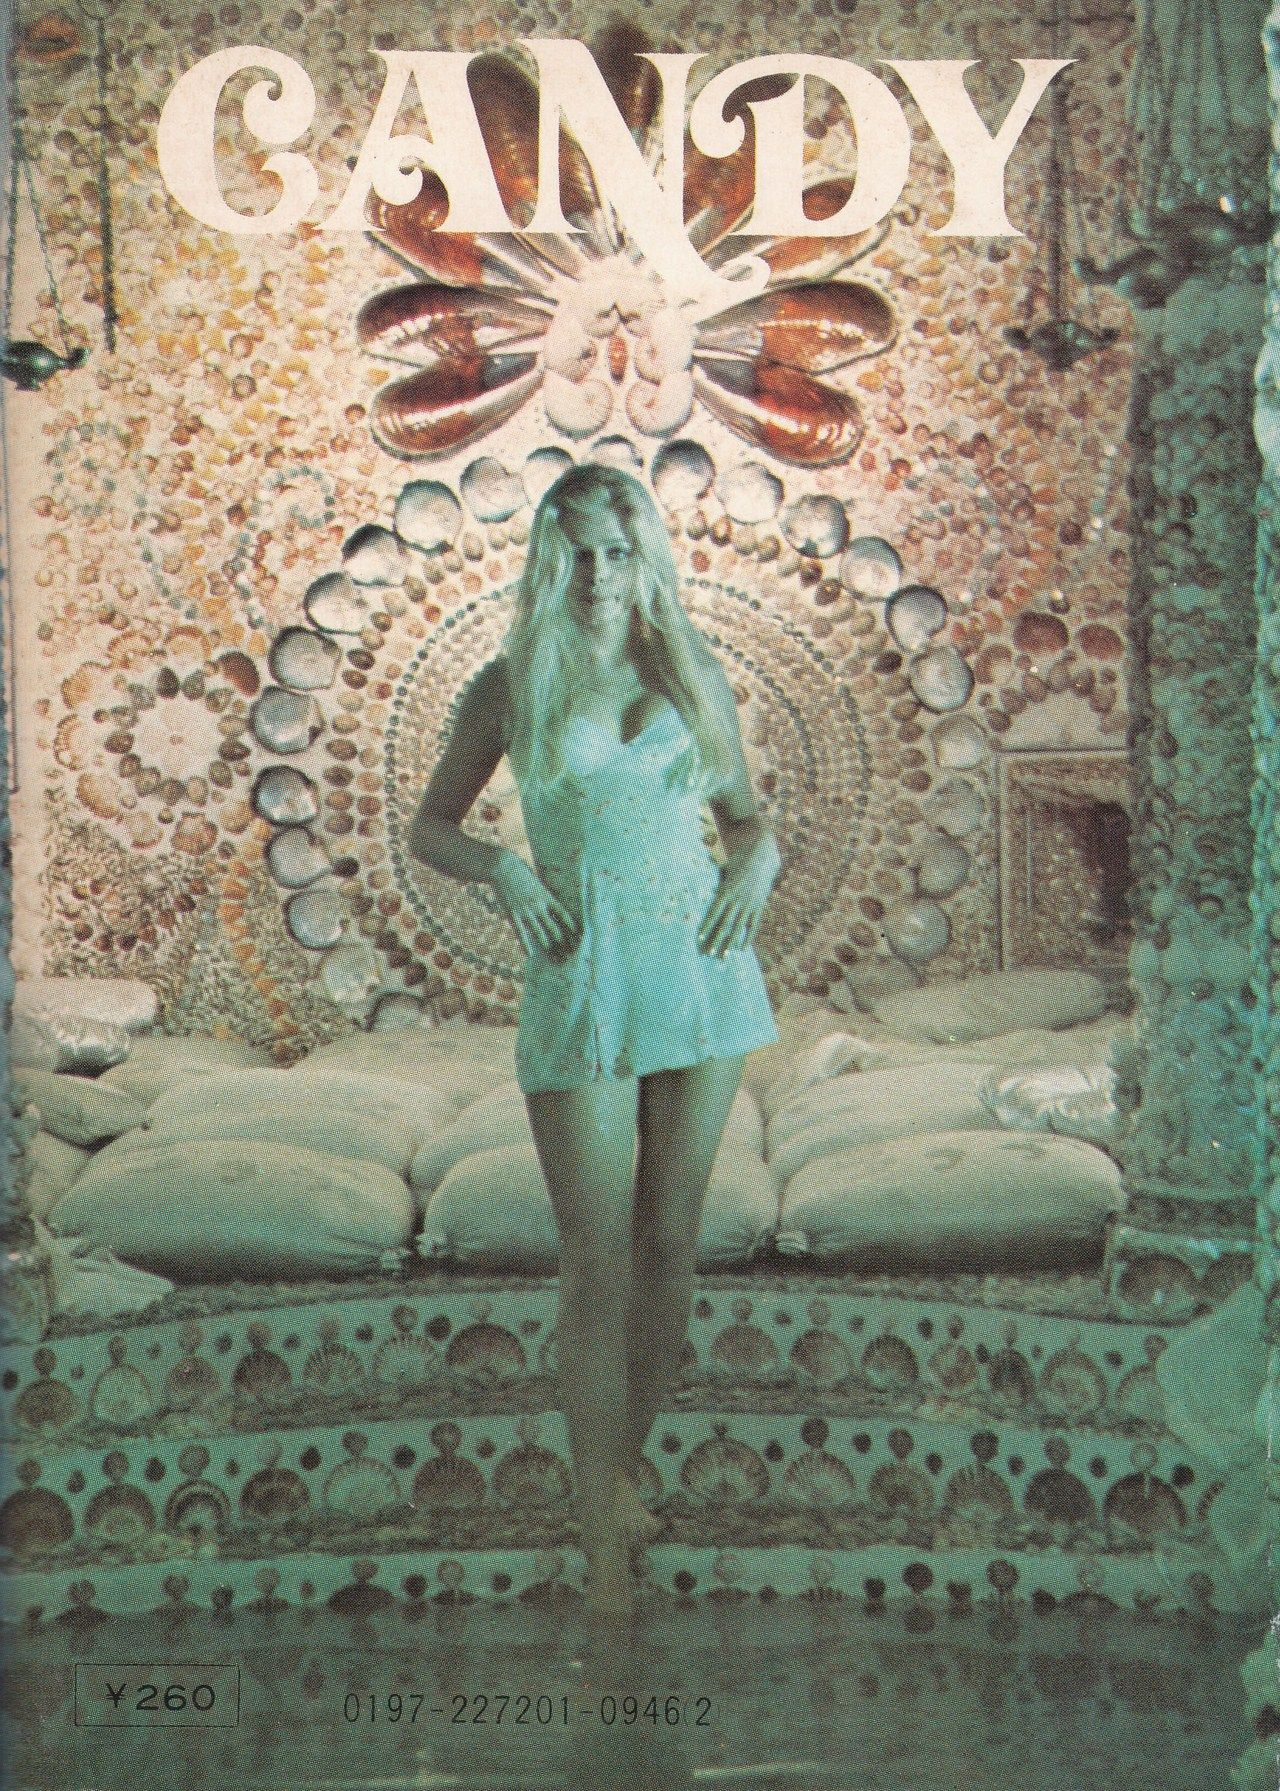 Ewa Aulin - Candy (1968)